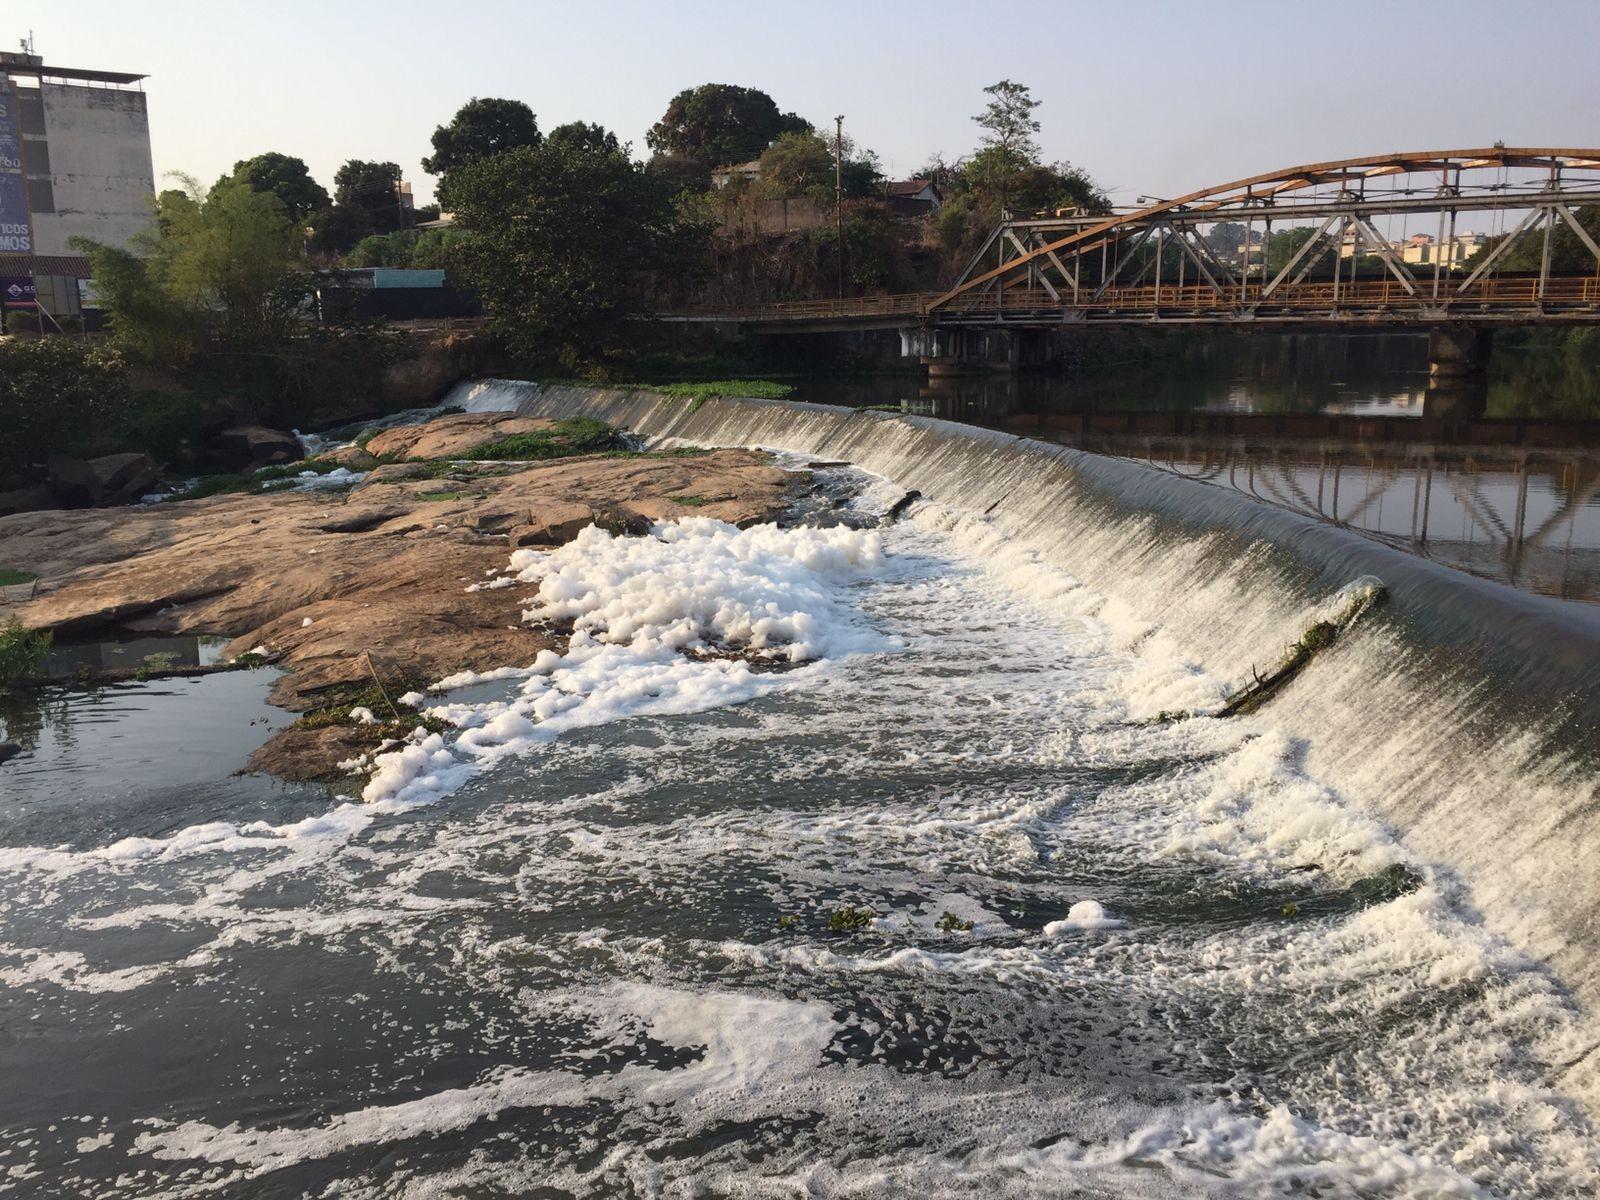 Espuma branca e densa cobre parte da superfície da água no Rio Itapecerica em Divinópolis